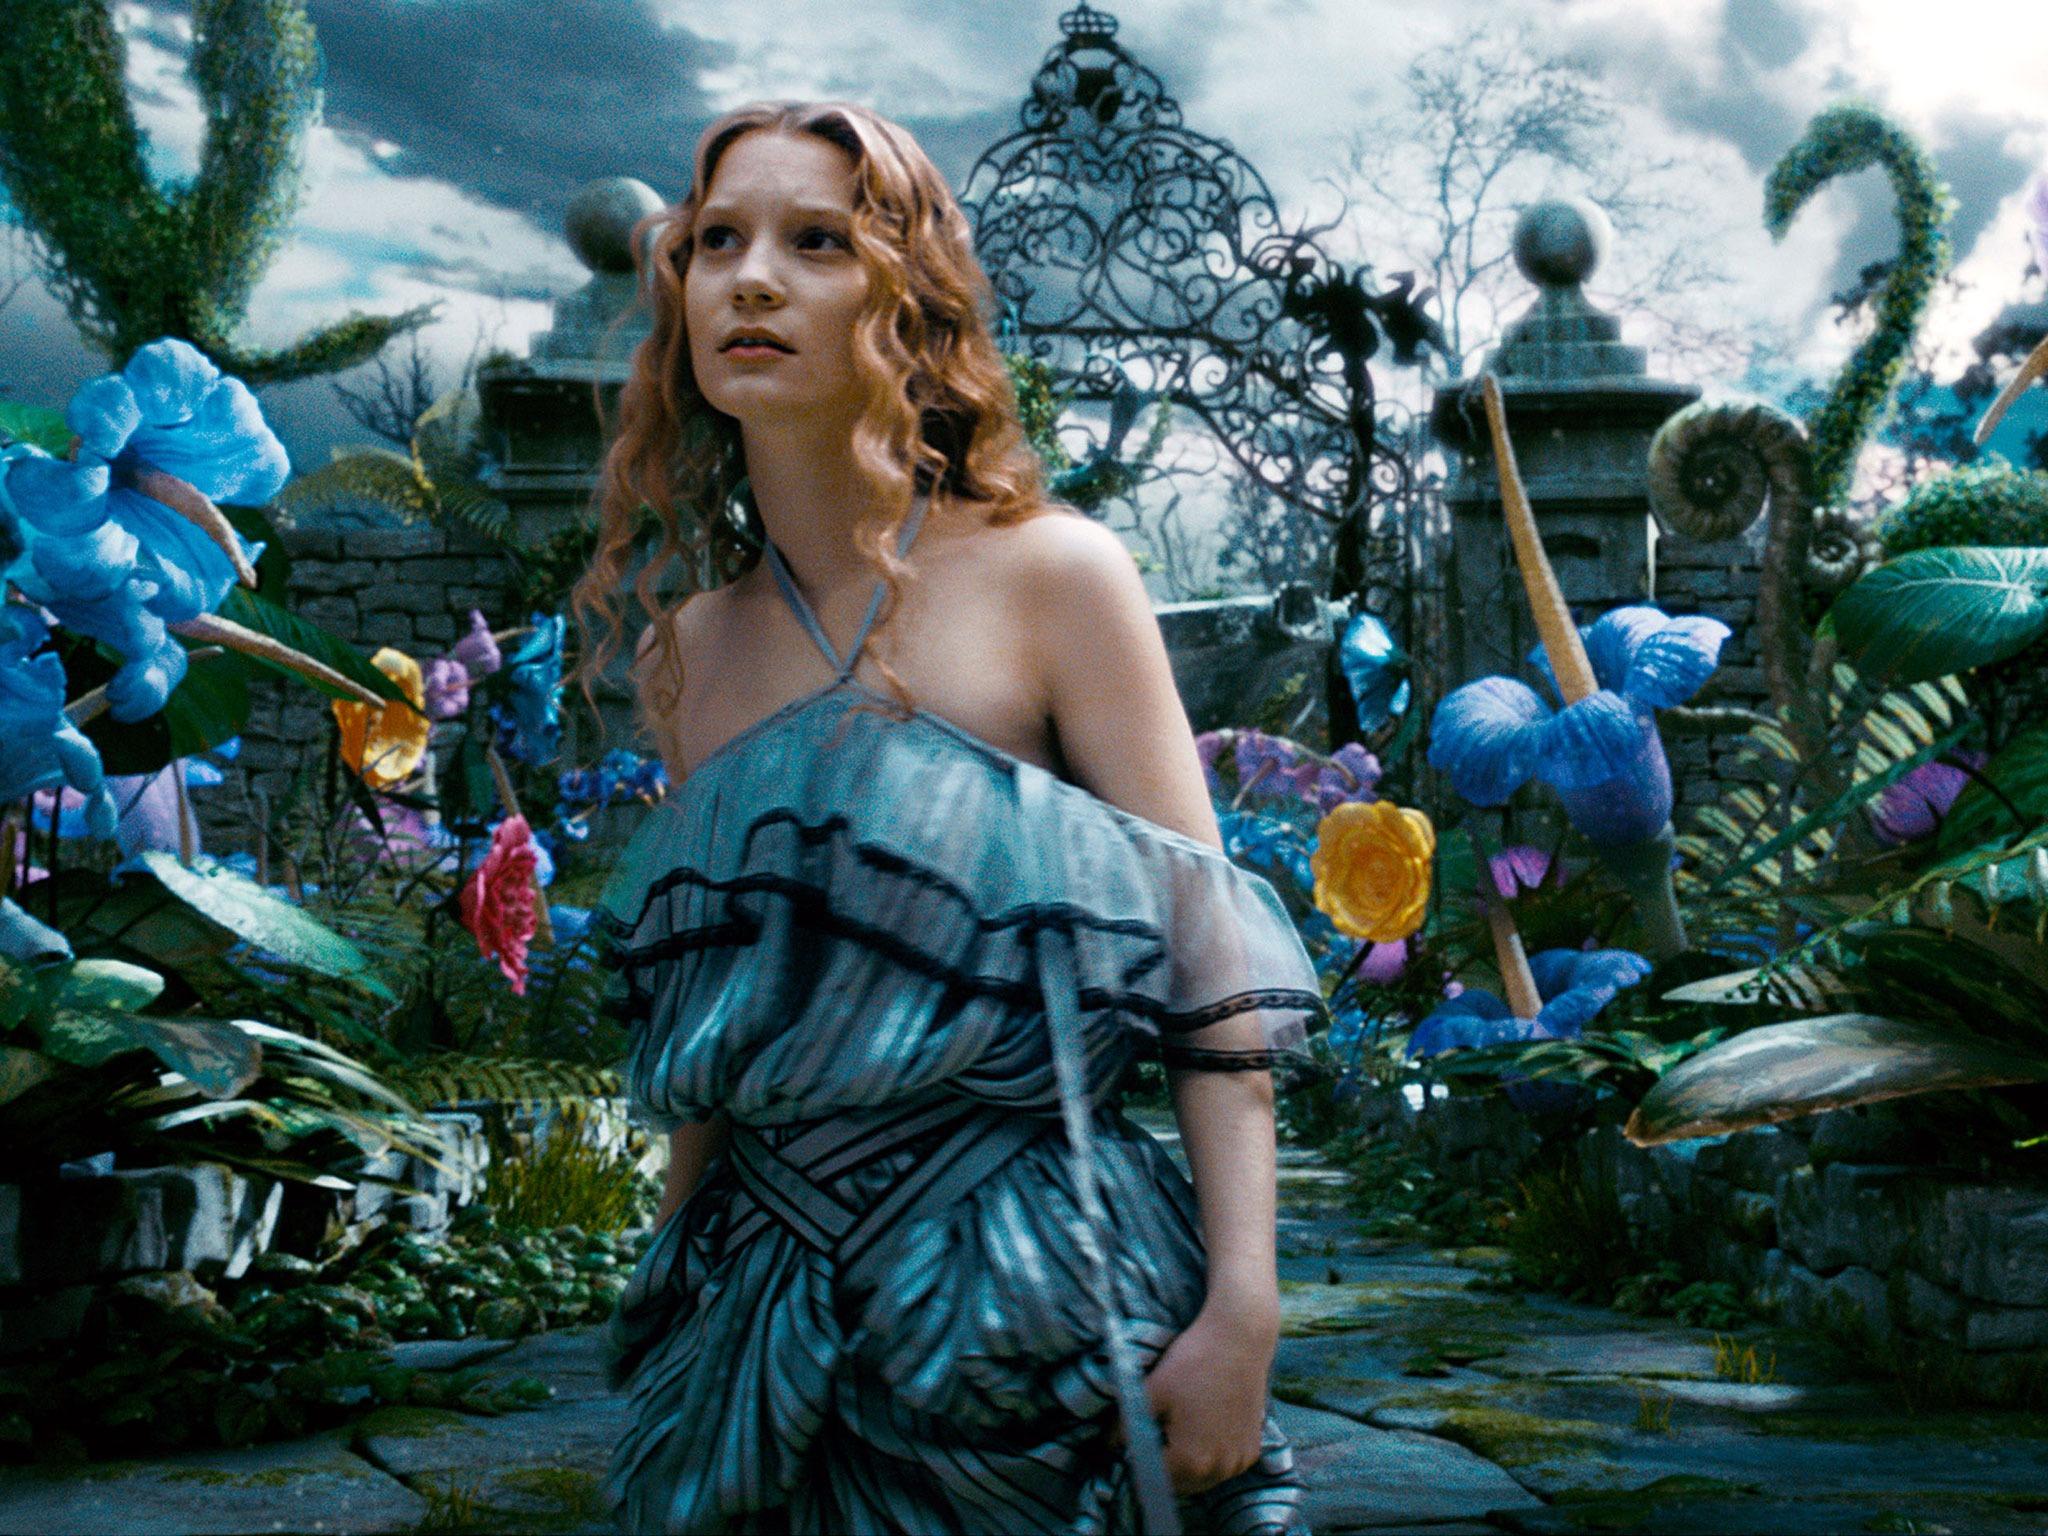 فانتازيا وإثارة في فيلم «Alice in Wonderland» الليلة